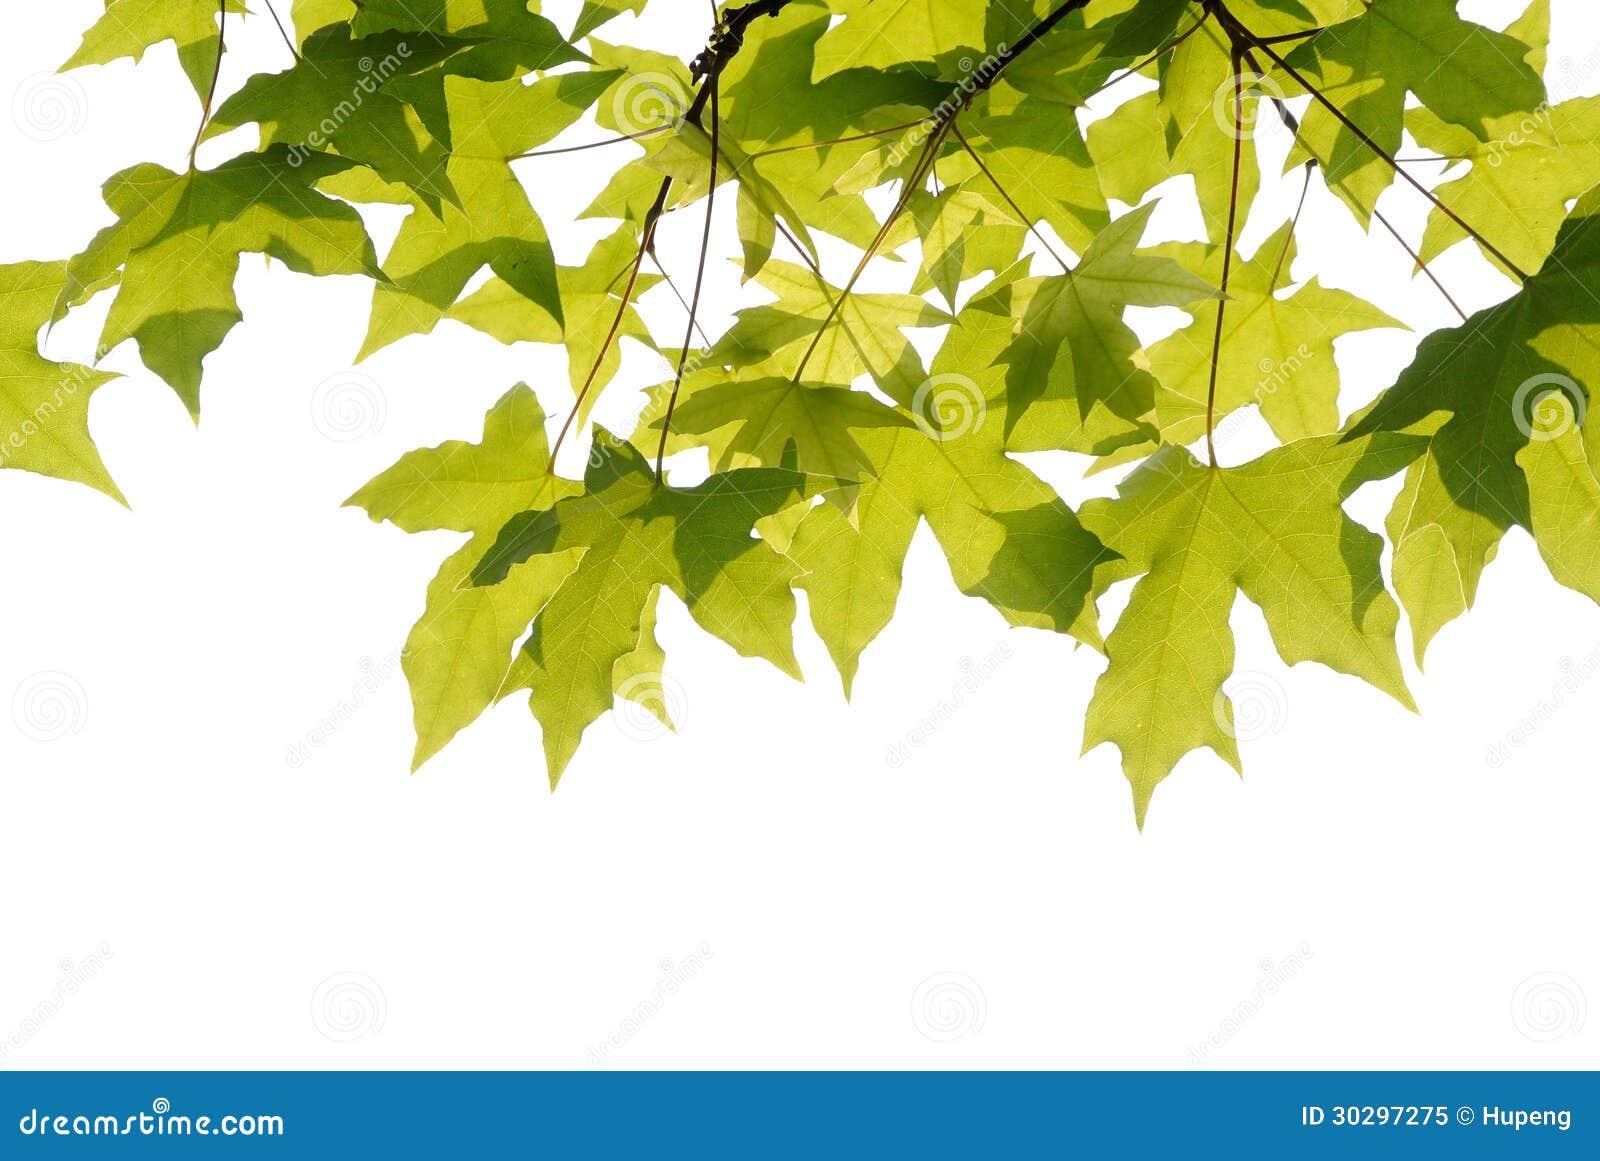 Листья плоских деревьев